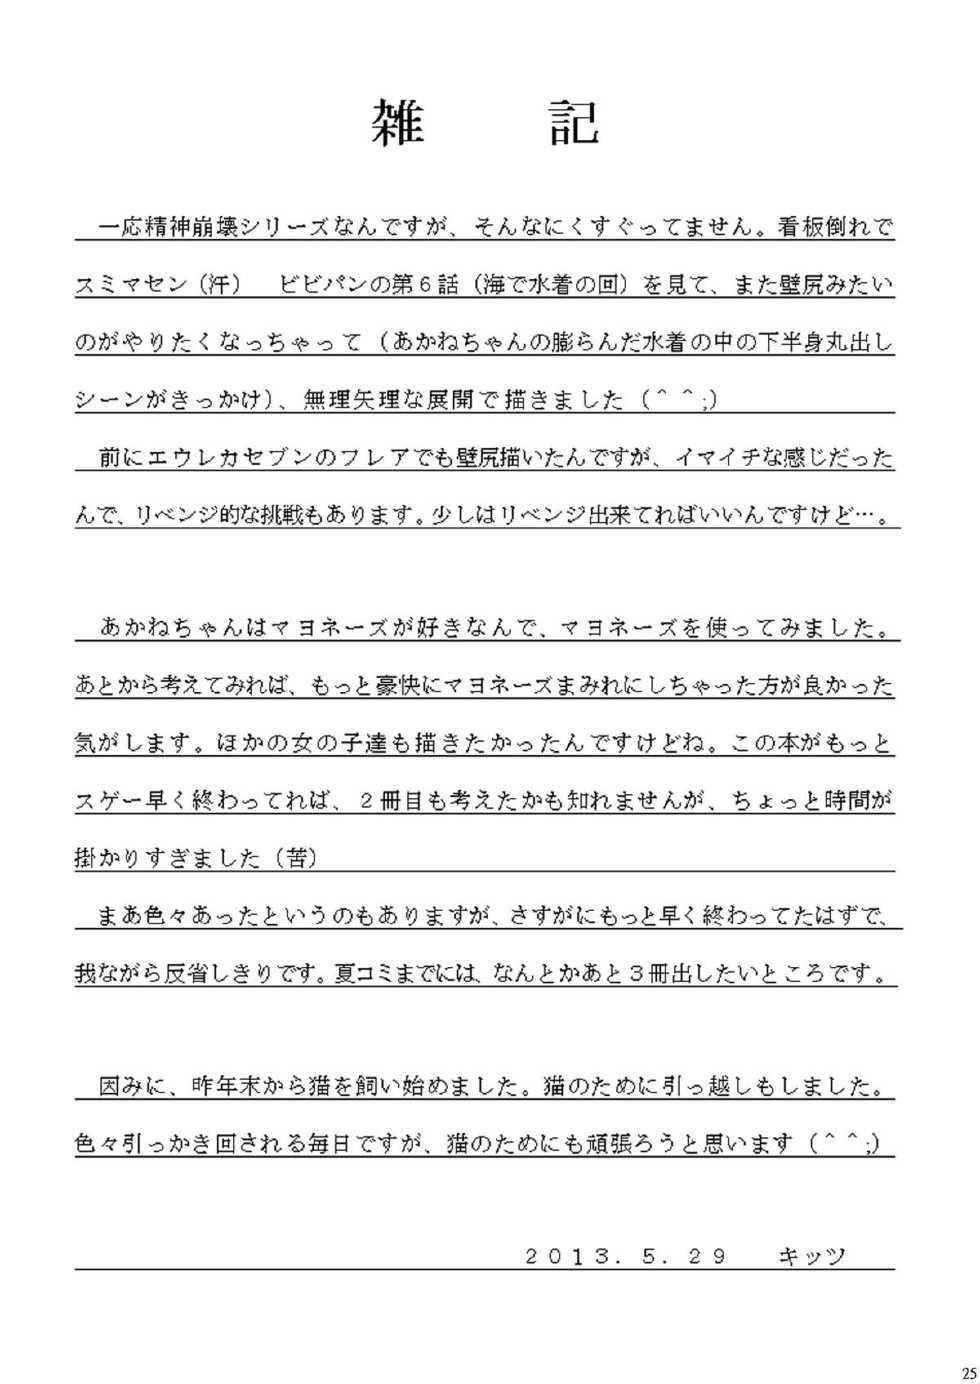 Seishinhoukai Surumade Kusugurimakutte Ryoujoku Shitemiru Test VI & VIII 25